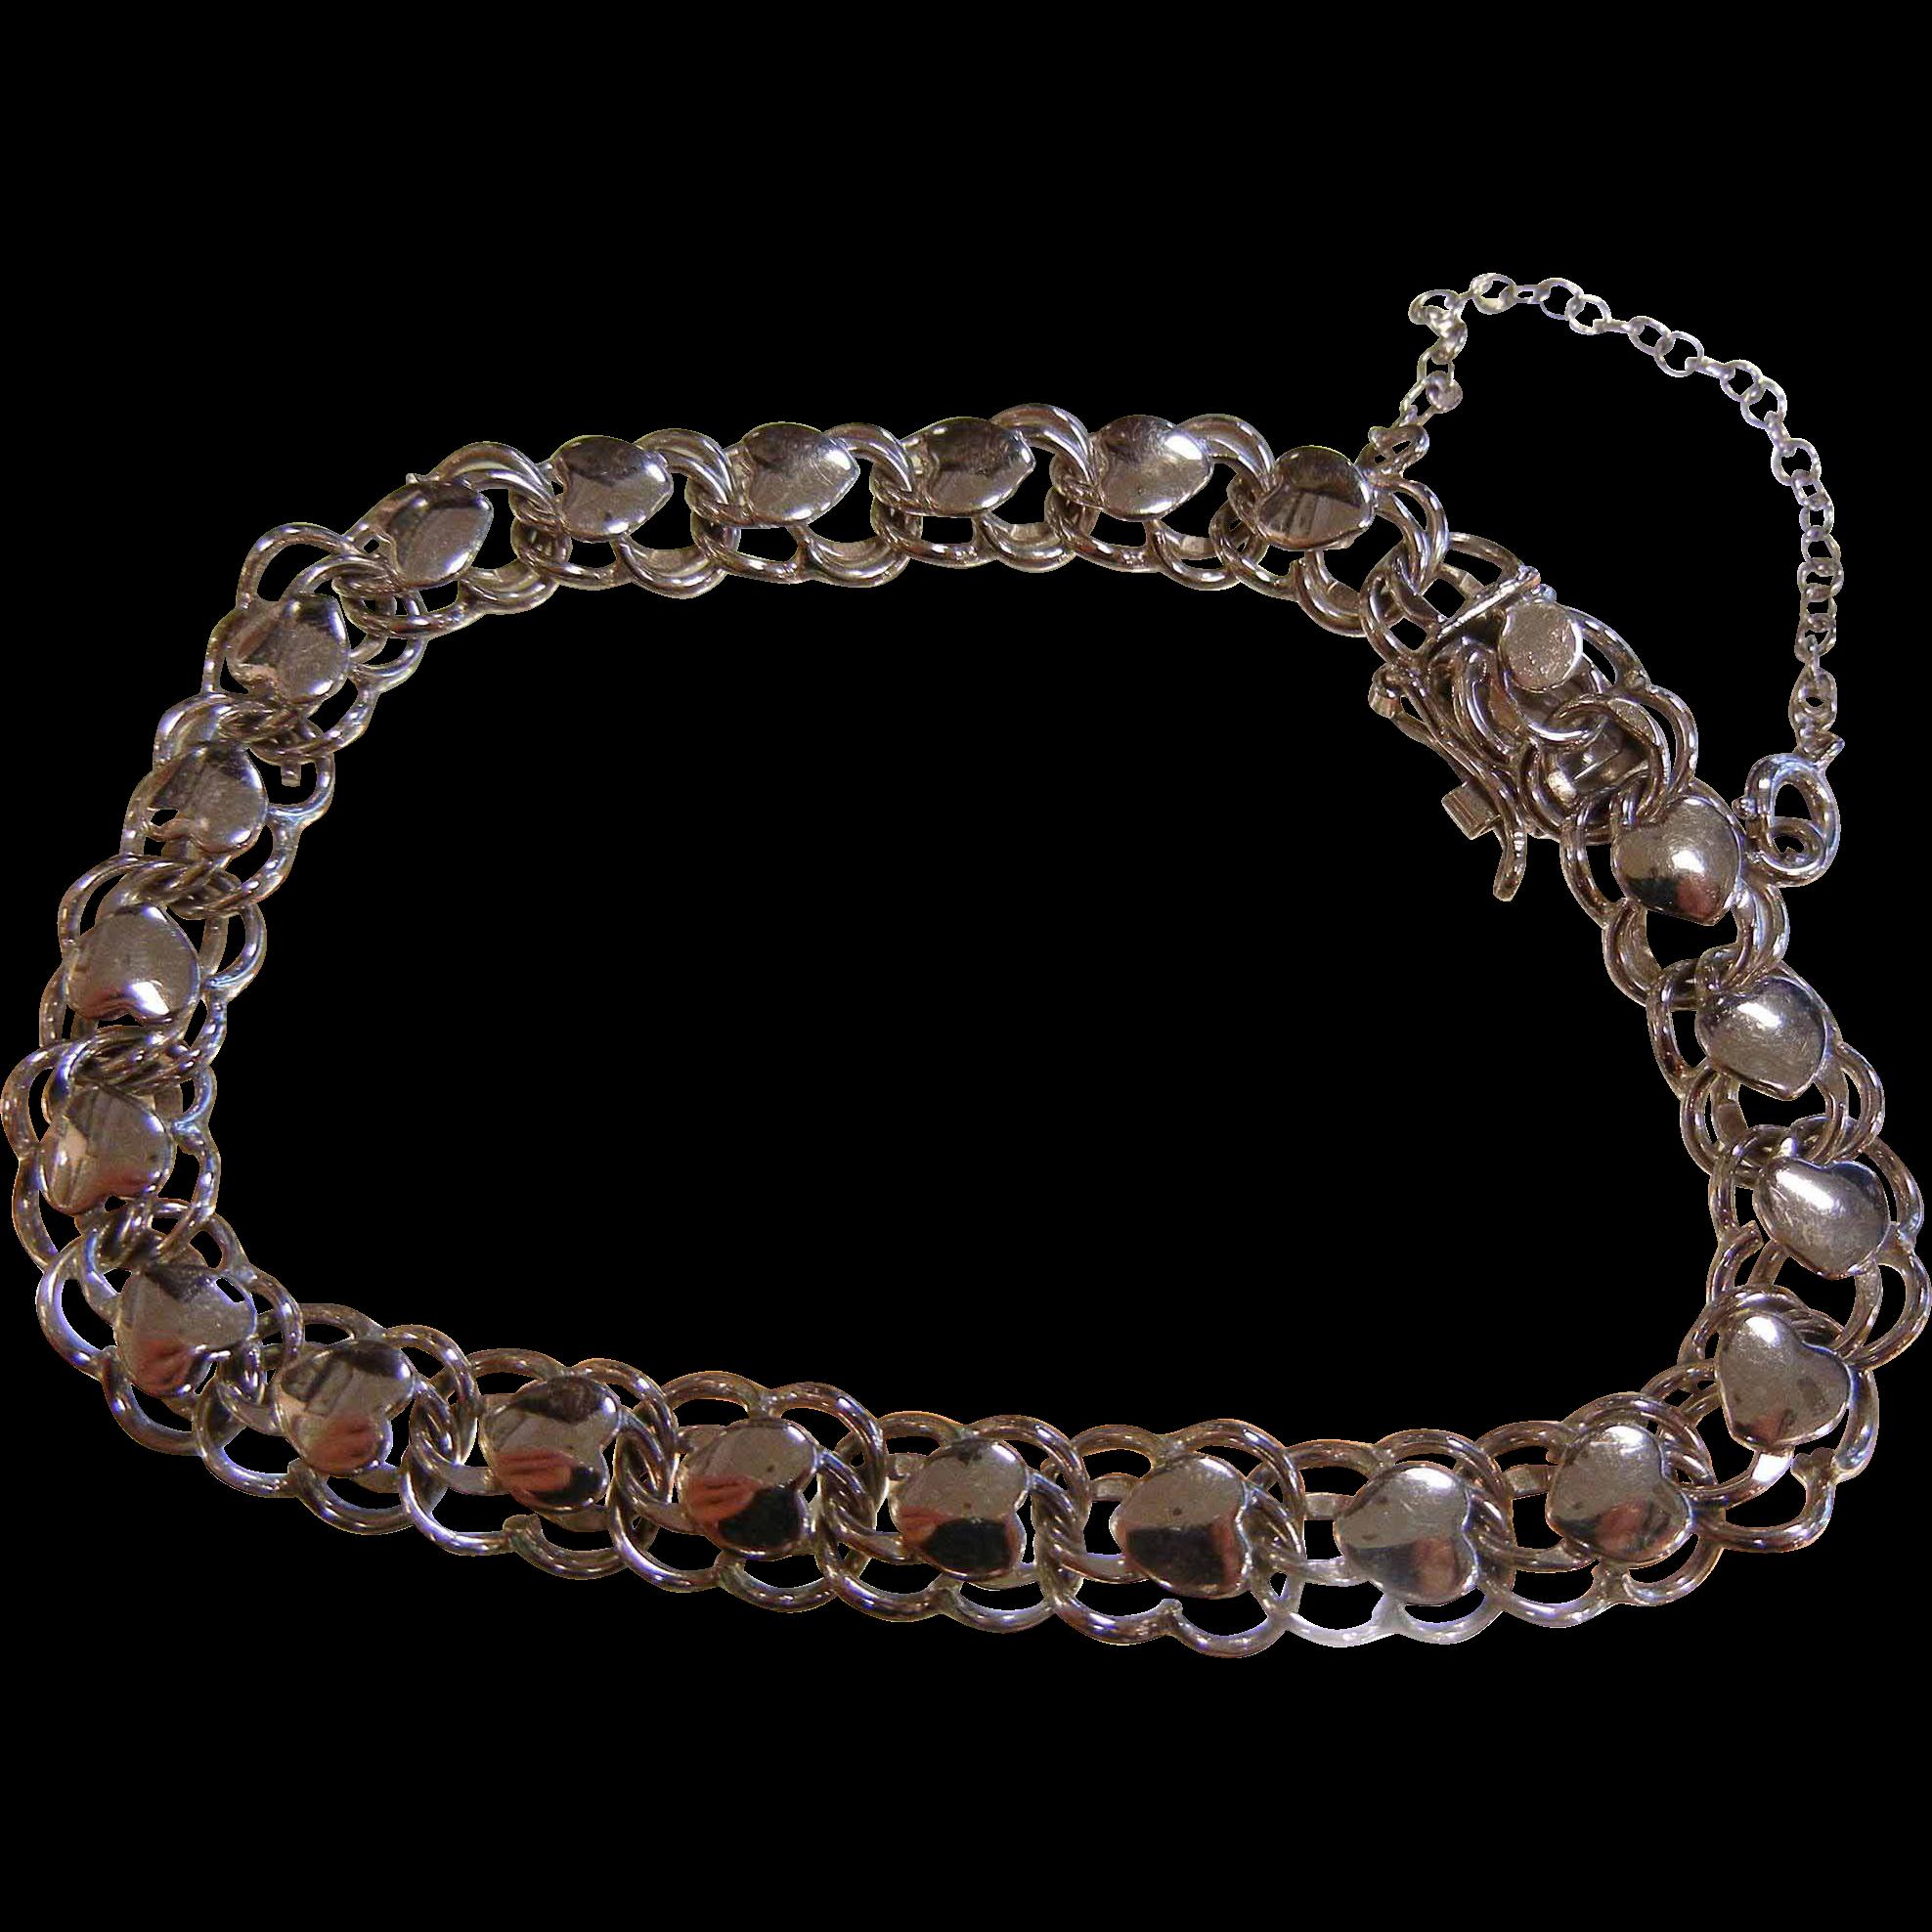 Fine American Sterling Silver Charm Bracelet w/ Heart Links